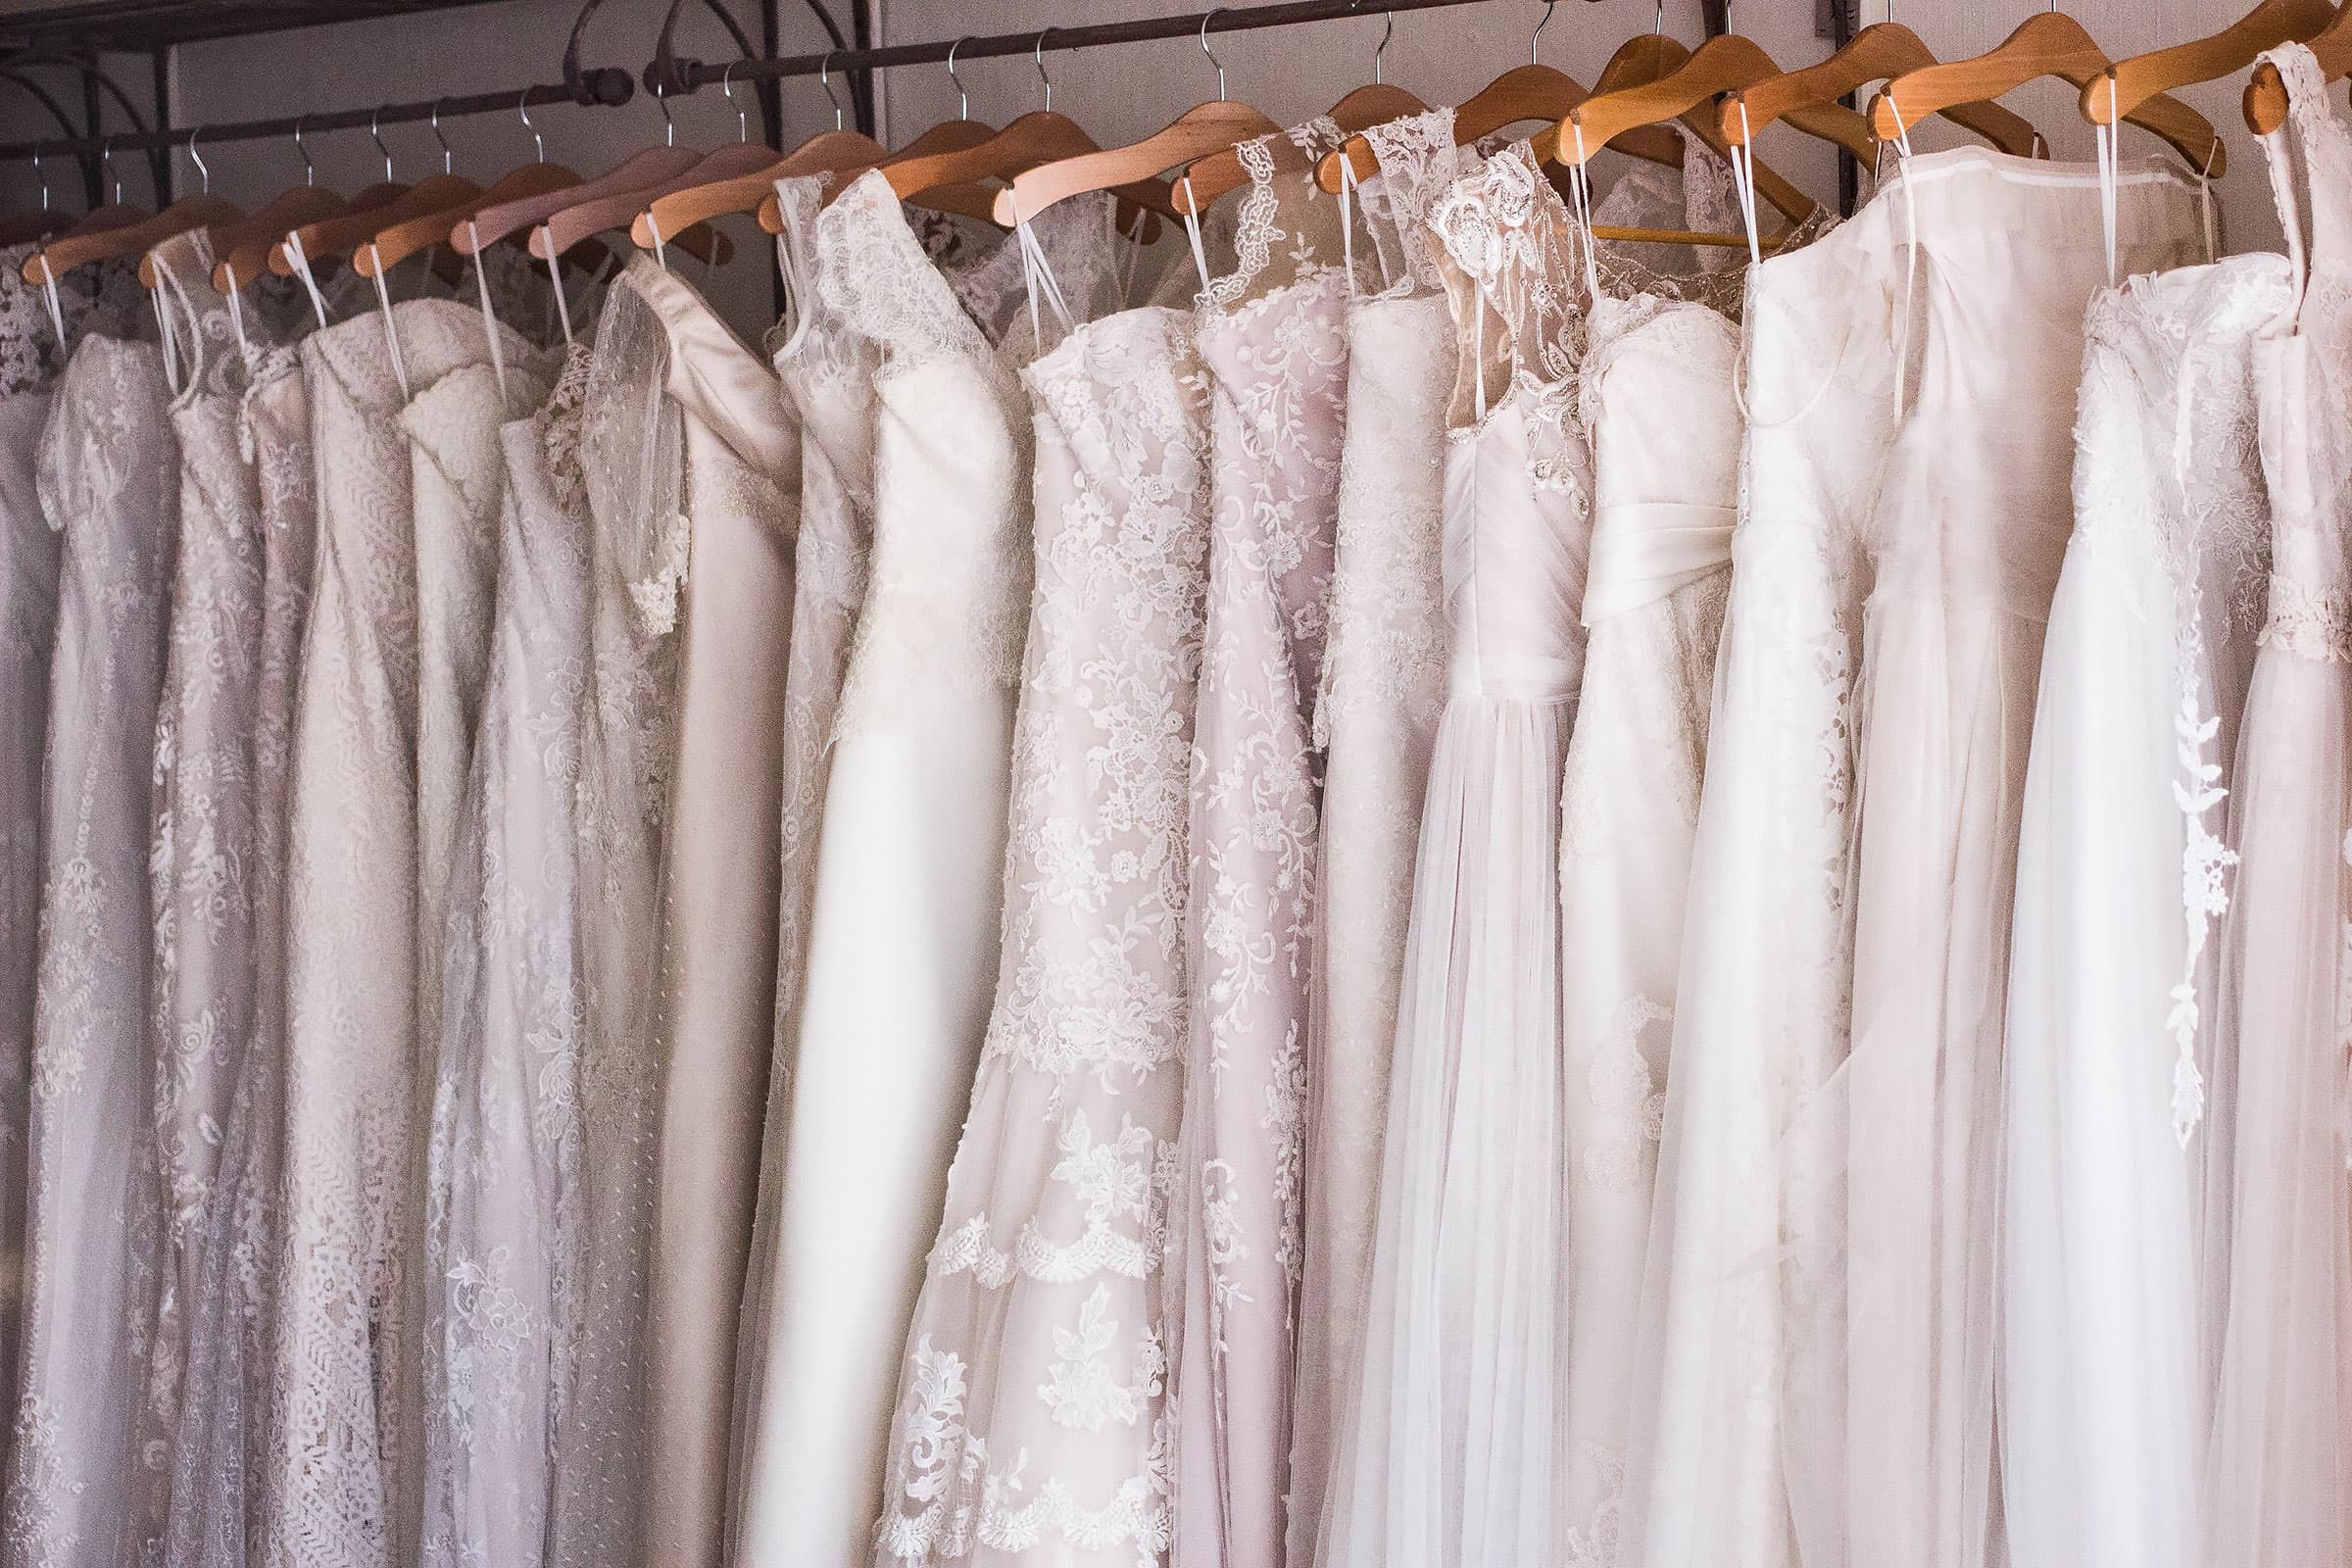 Inför bröllopet - här hittar du vackra bröllopsklänningar i Stockholm